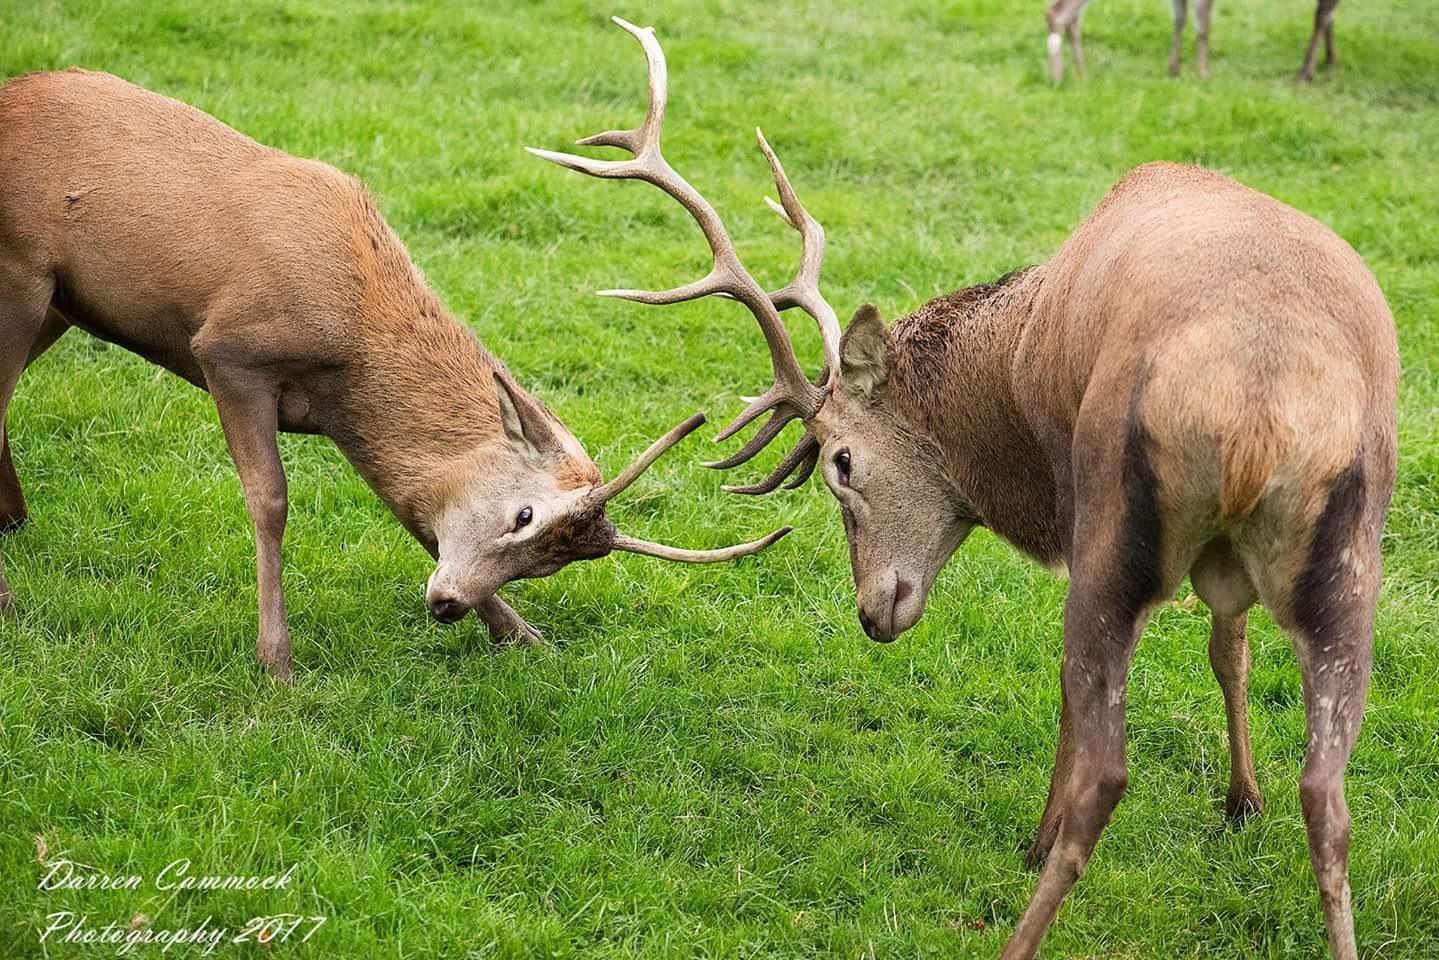 Deer by darrencammock